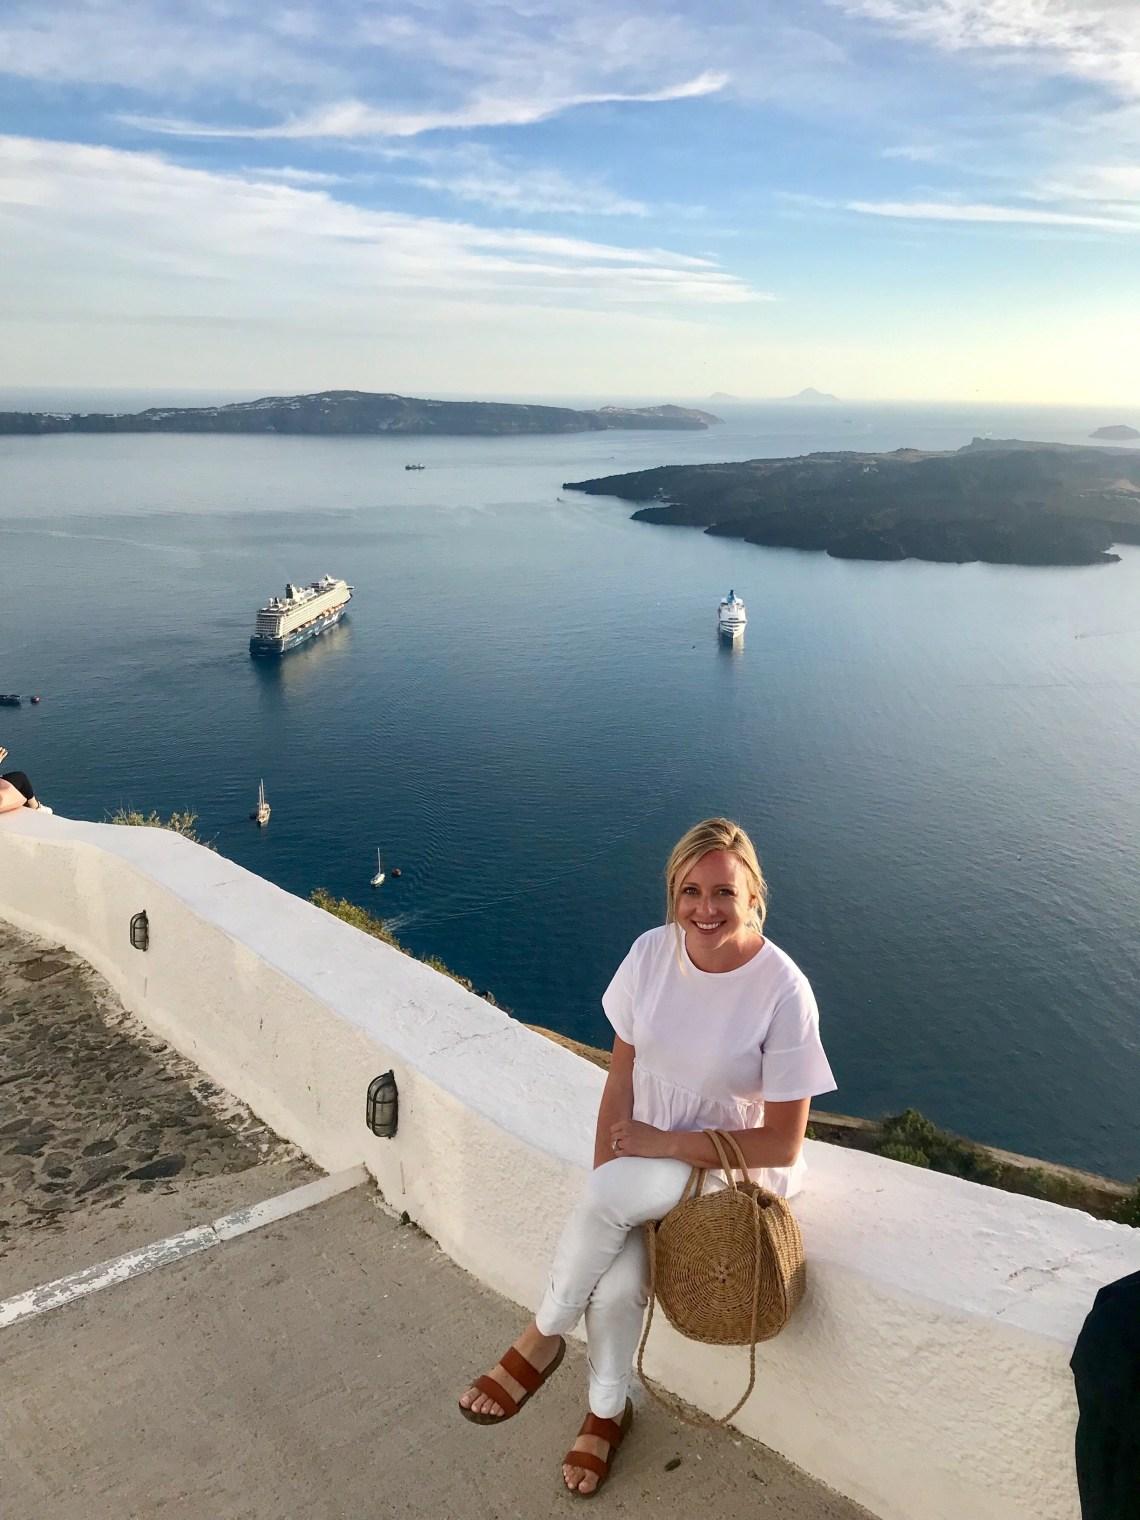 Santorini Greece_14-05-2019-22-25-56